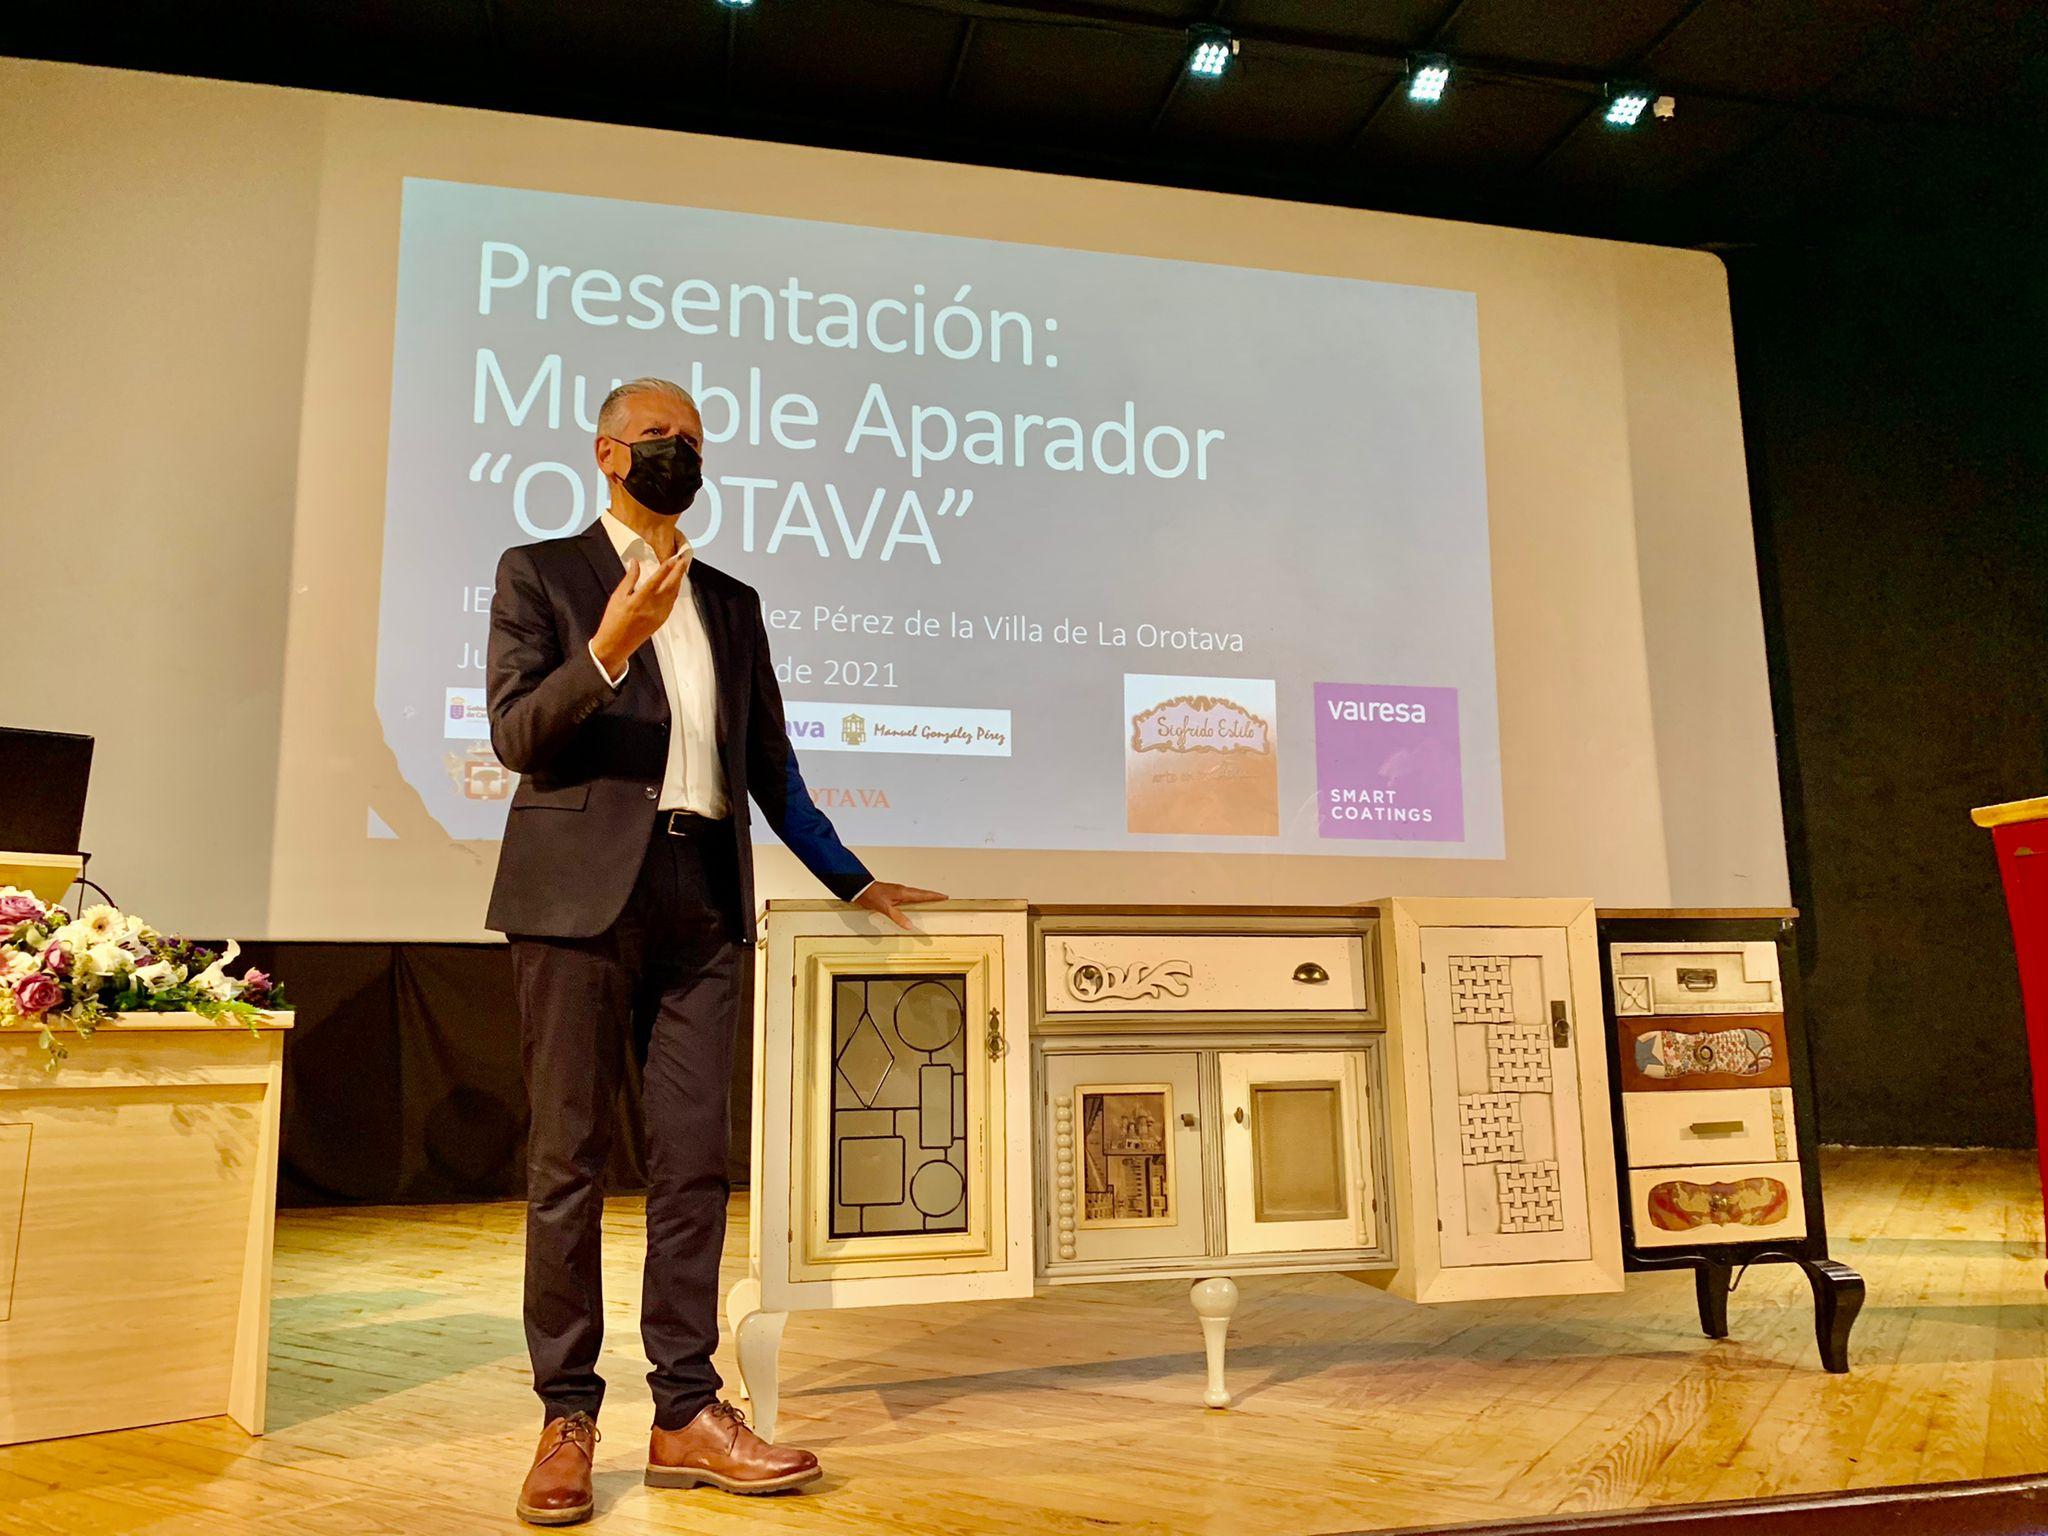 El alcalde de la Villa, Francisco Linares, estuvo presente en el acto de presentación, acompañado por la concejala de Formación, Empleo, Parques y Jardines, Deisy Ramos